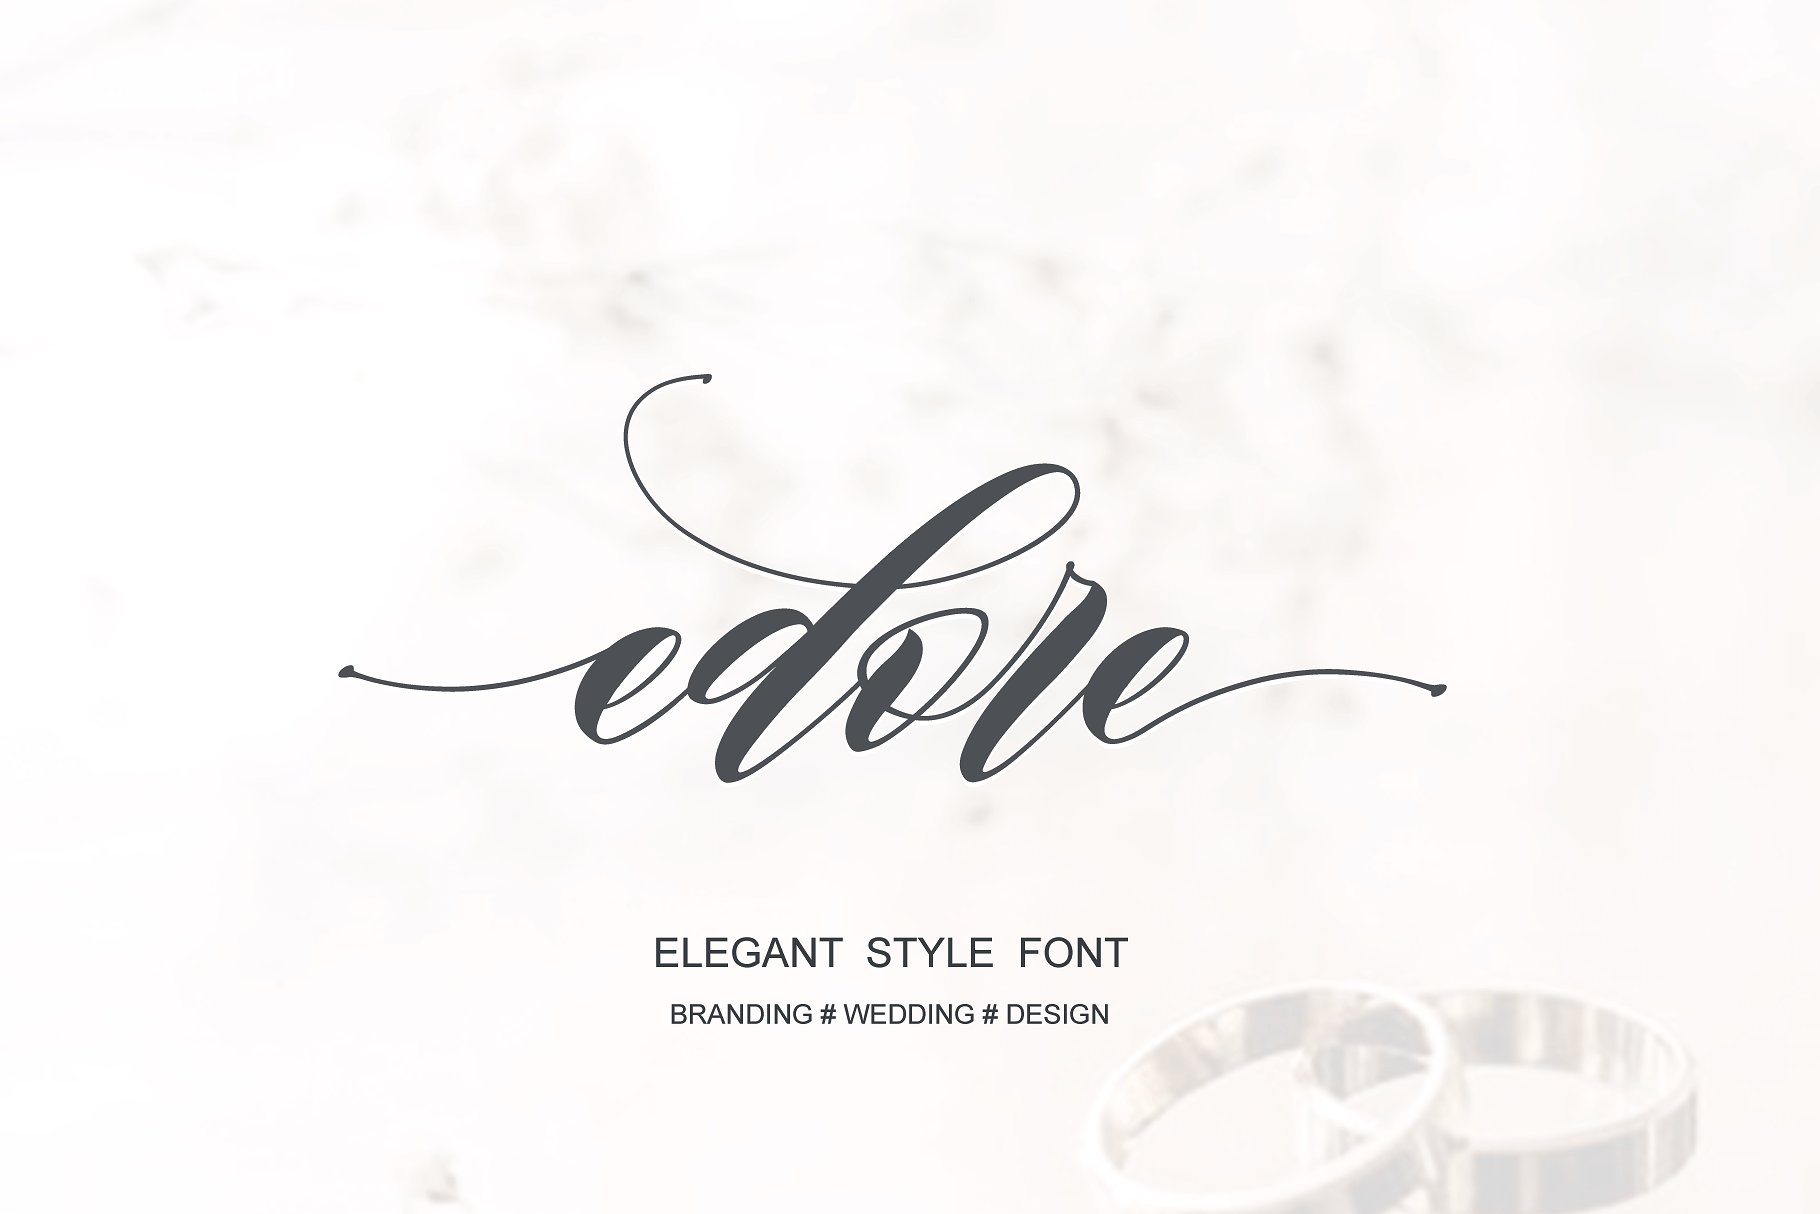 edore-script-font